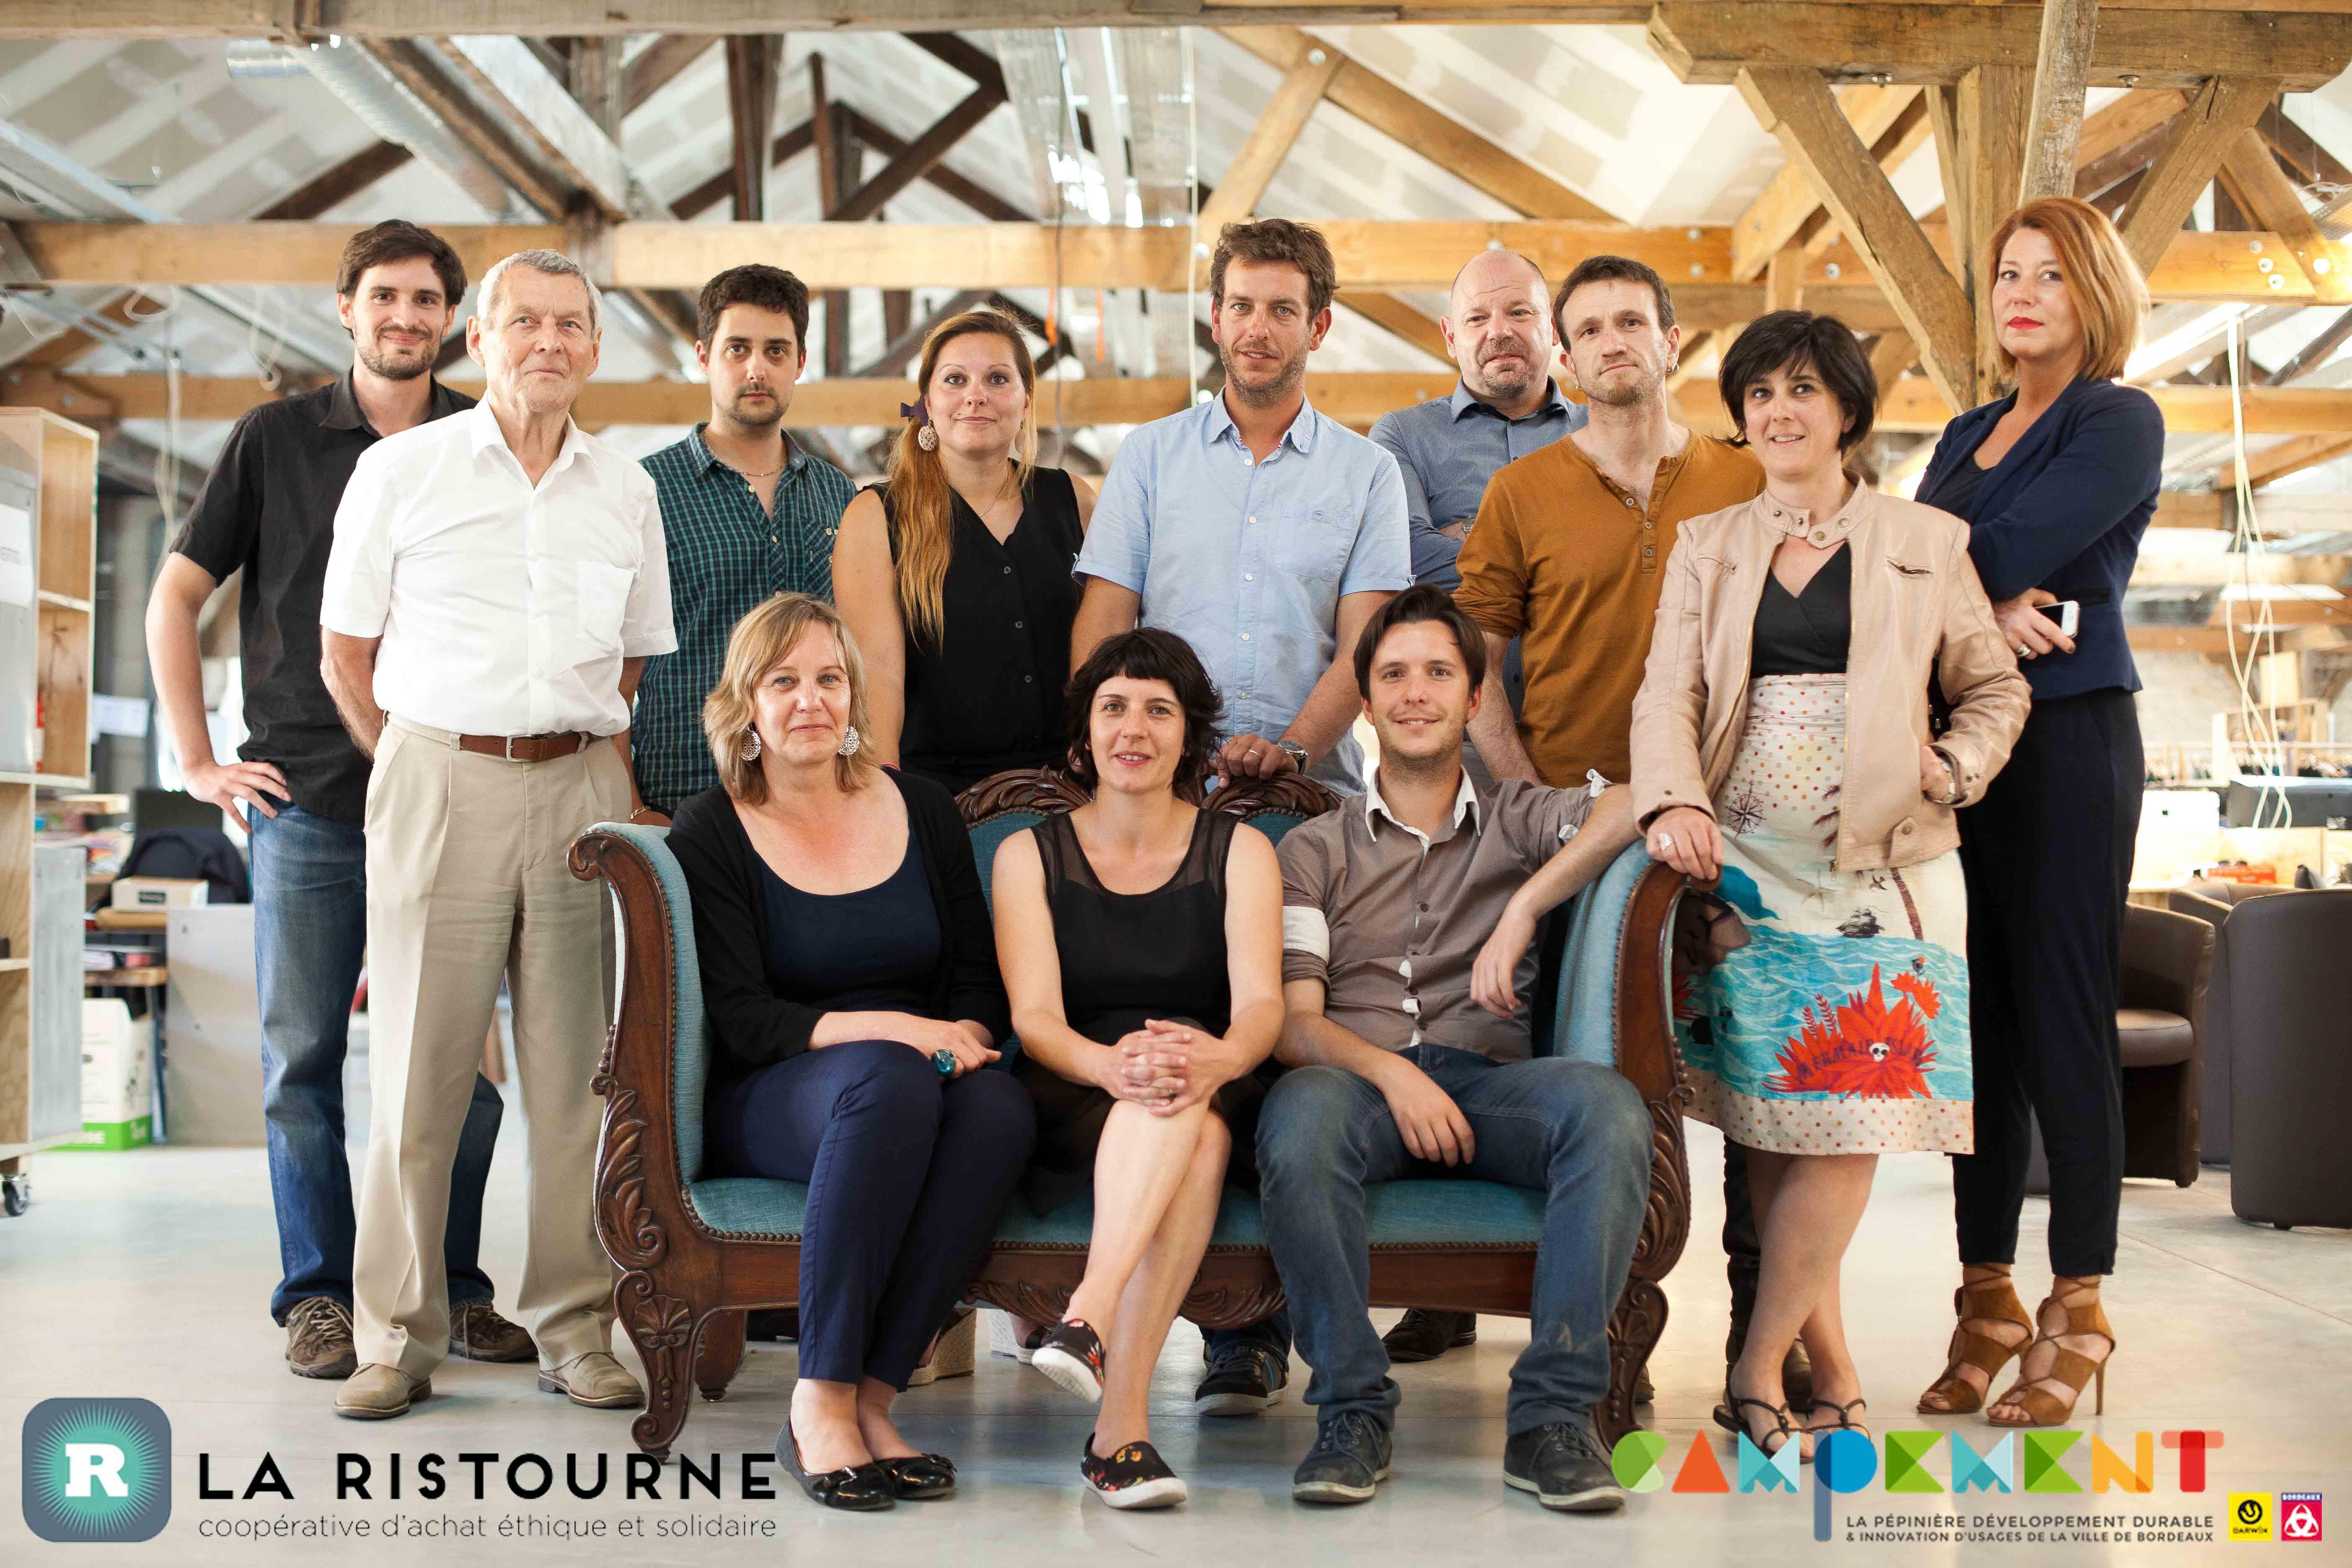 LES CAMPEURS # 20 : LA RISTOURNE